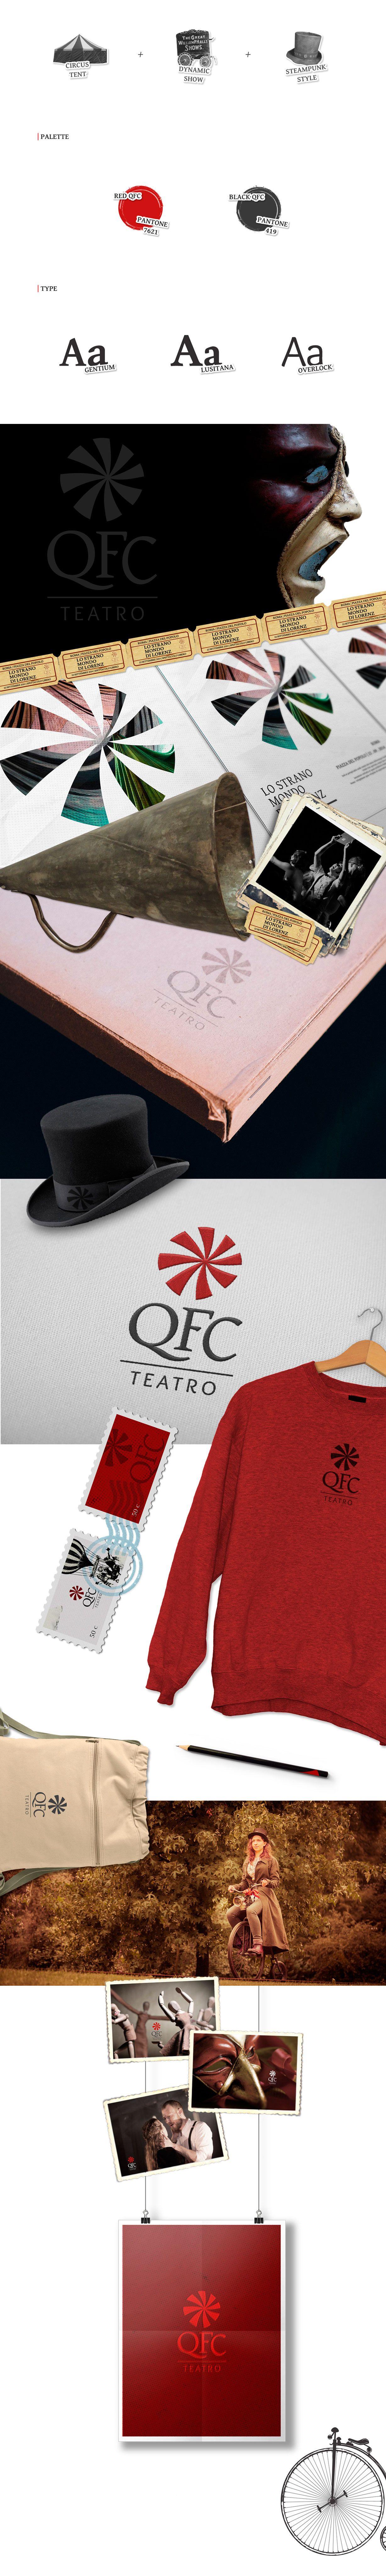 Wider View Portfolio QFC Teatro 3